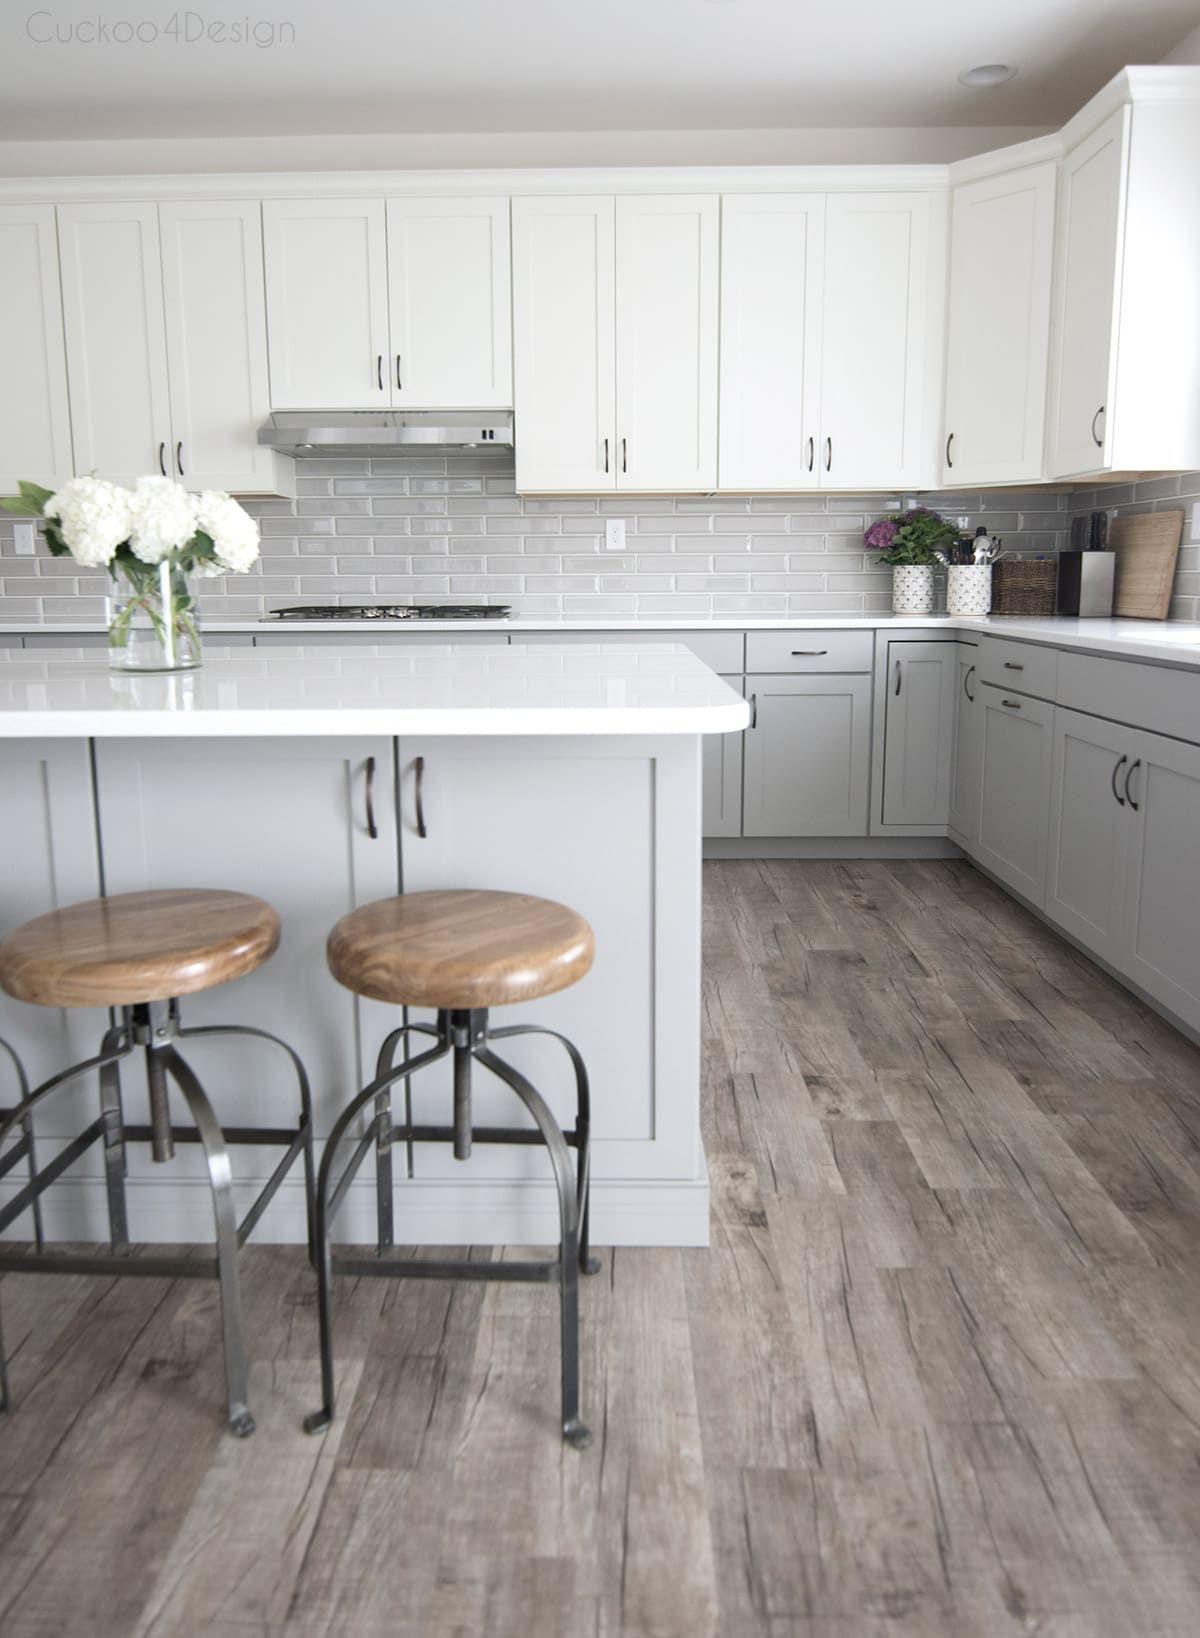 Kitchen island pendant ideas decortaing pinterest kitchen